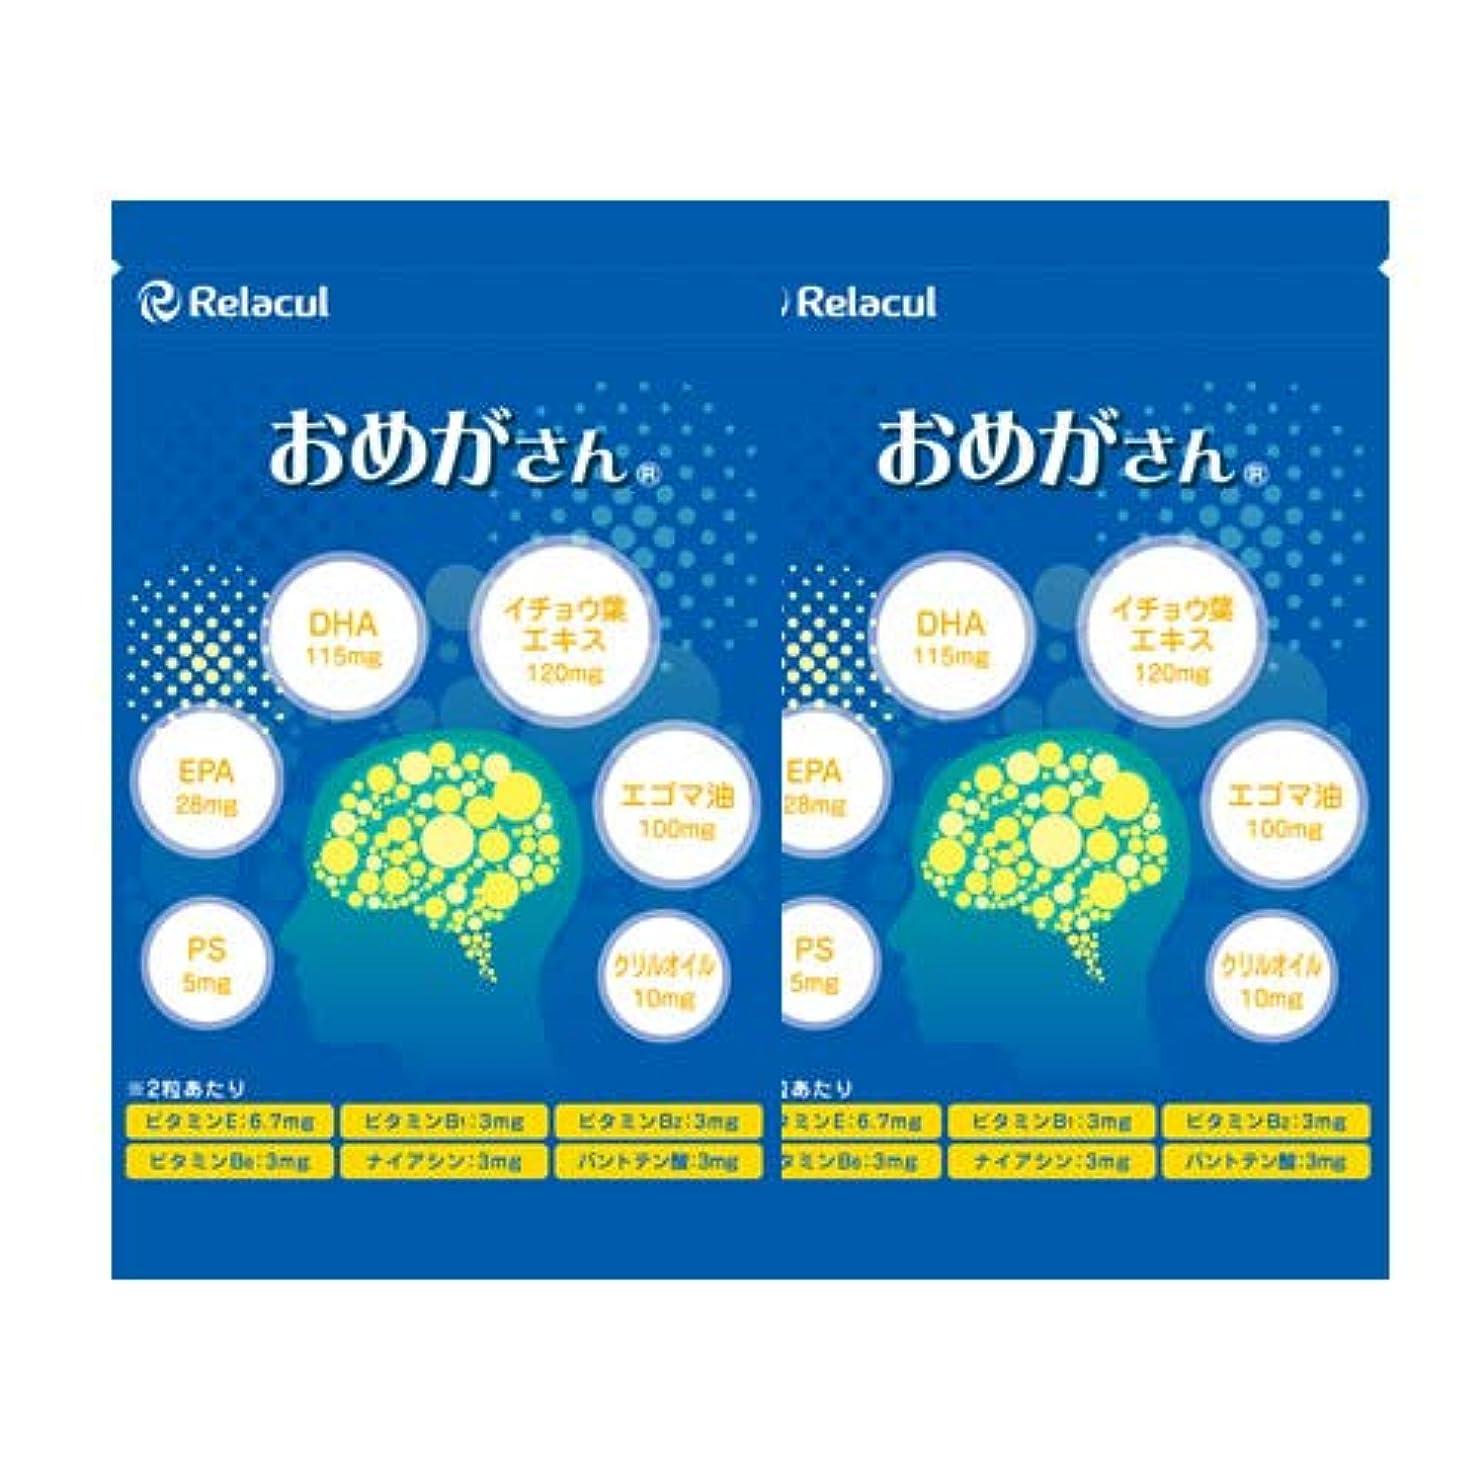 ツーリストバナー提供オメガ3脂肪酸 DHA EPA サプリ (日本製) うっかり 対策 サプリメント [偏った食生活に] フィッシュオイル イチョウ葉エキス エゴマ油 クリルオイル [おめがさん 2袋セット] 120粒入 (約2か月分)